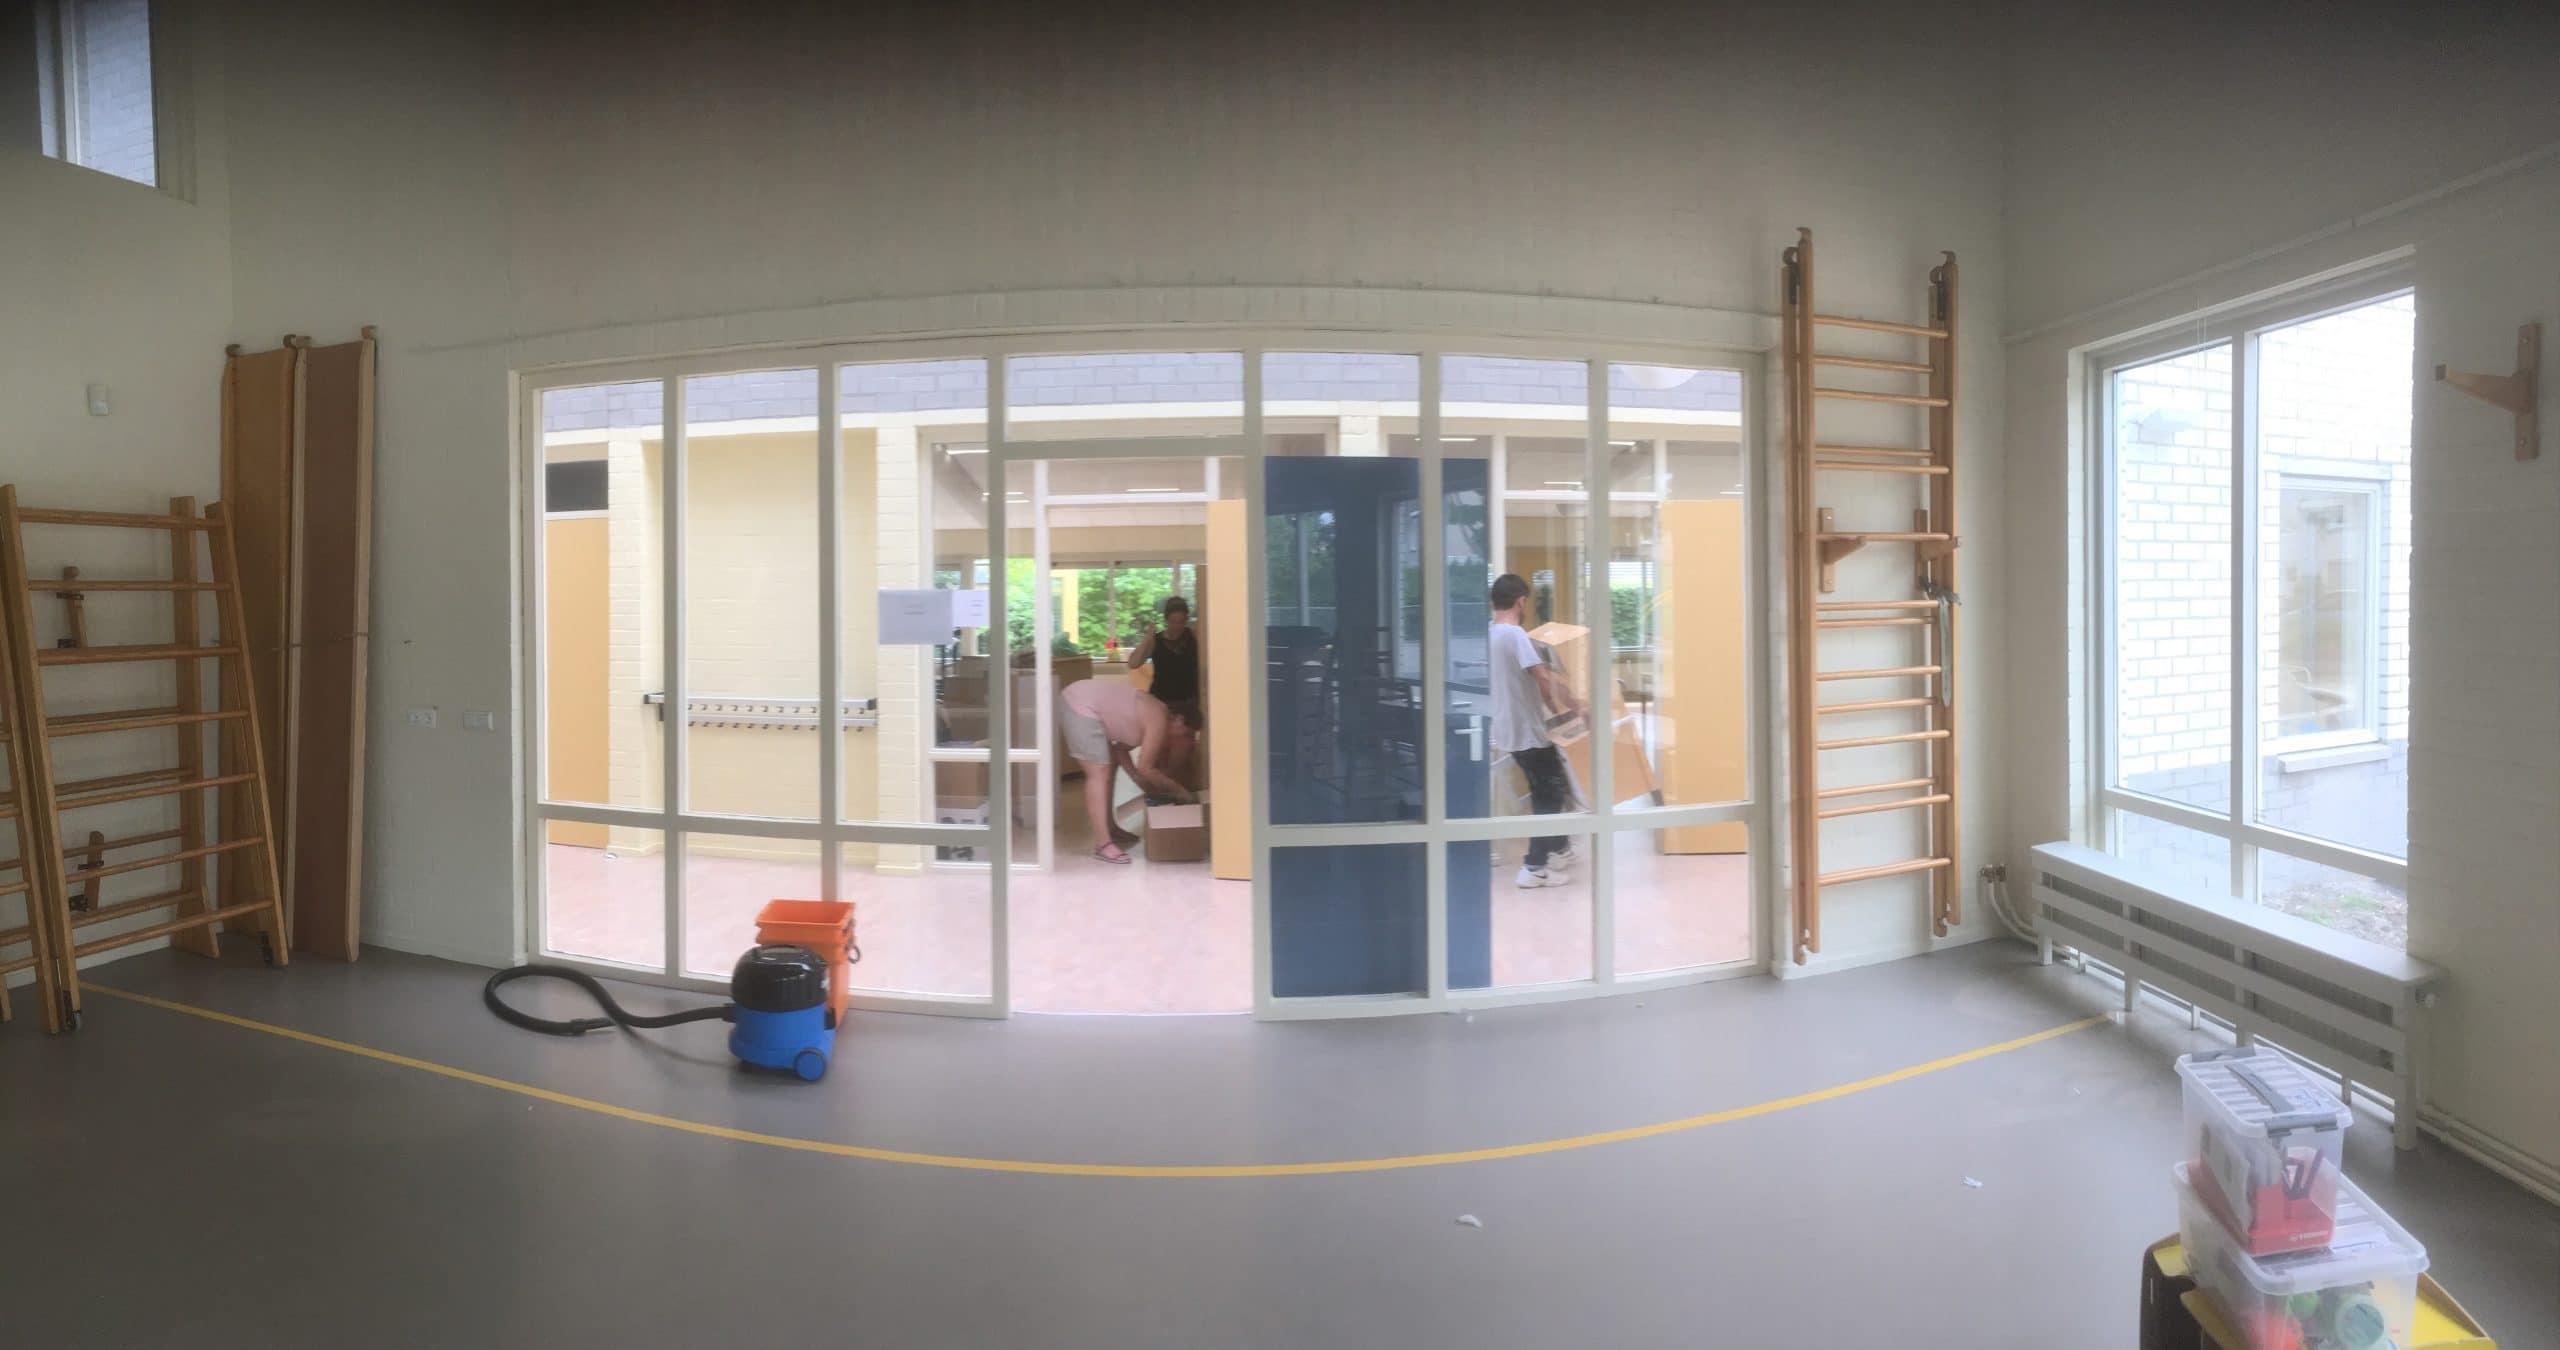 Nieuw Vennep - Oude ramen kunnen op simpele wijze veilig gemaakt worden met letselschade beperkende folie van Sunblock